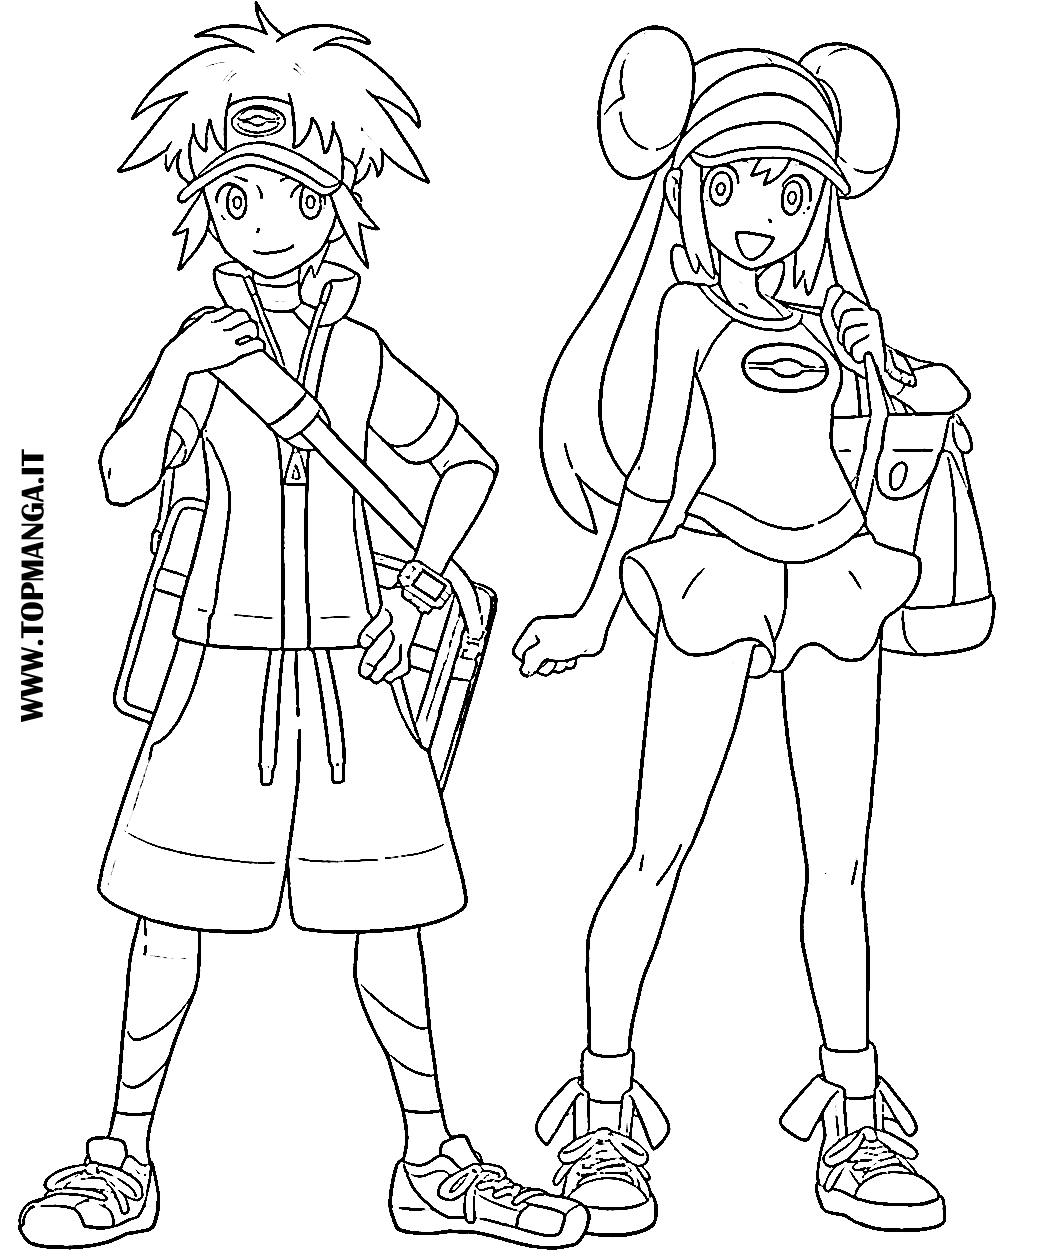 Immagini da colorare di pokemon topmanga anime e manga for Sole disegno da colorare